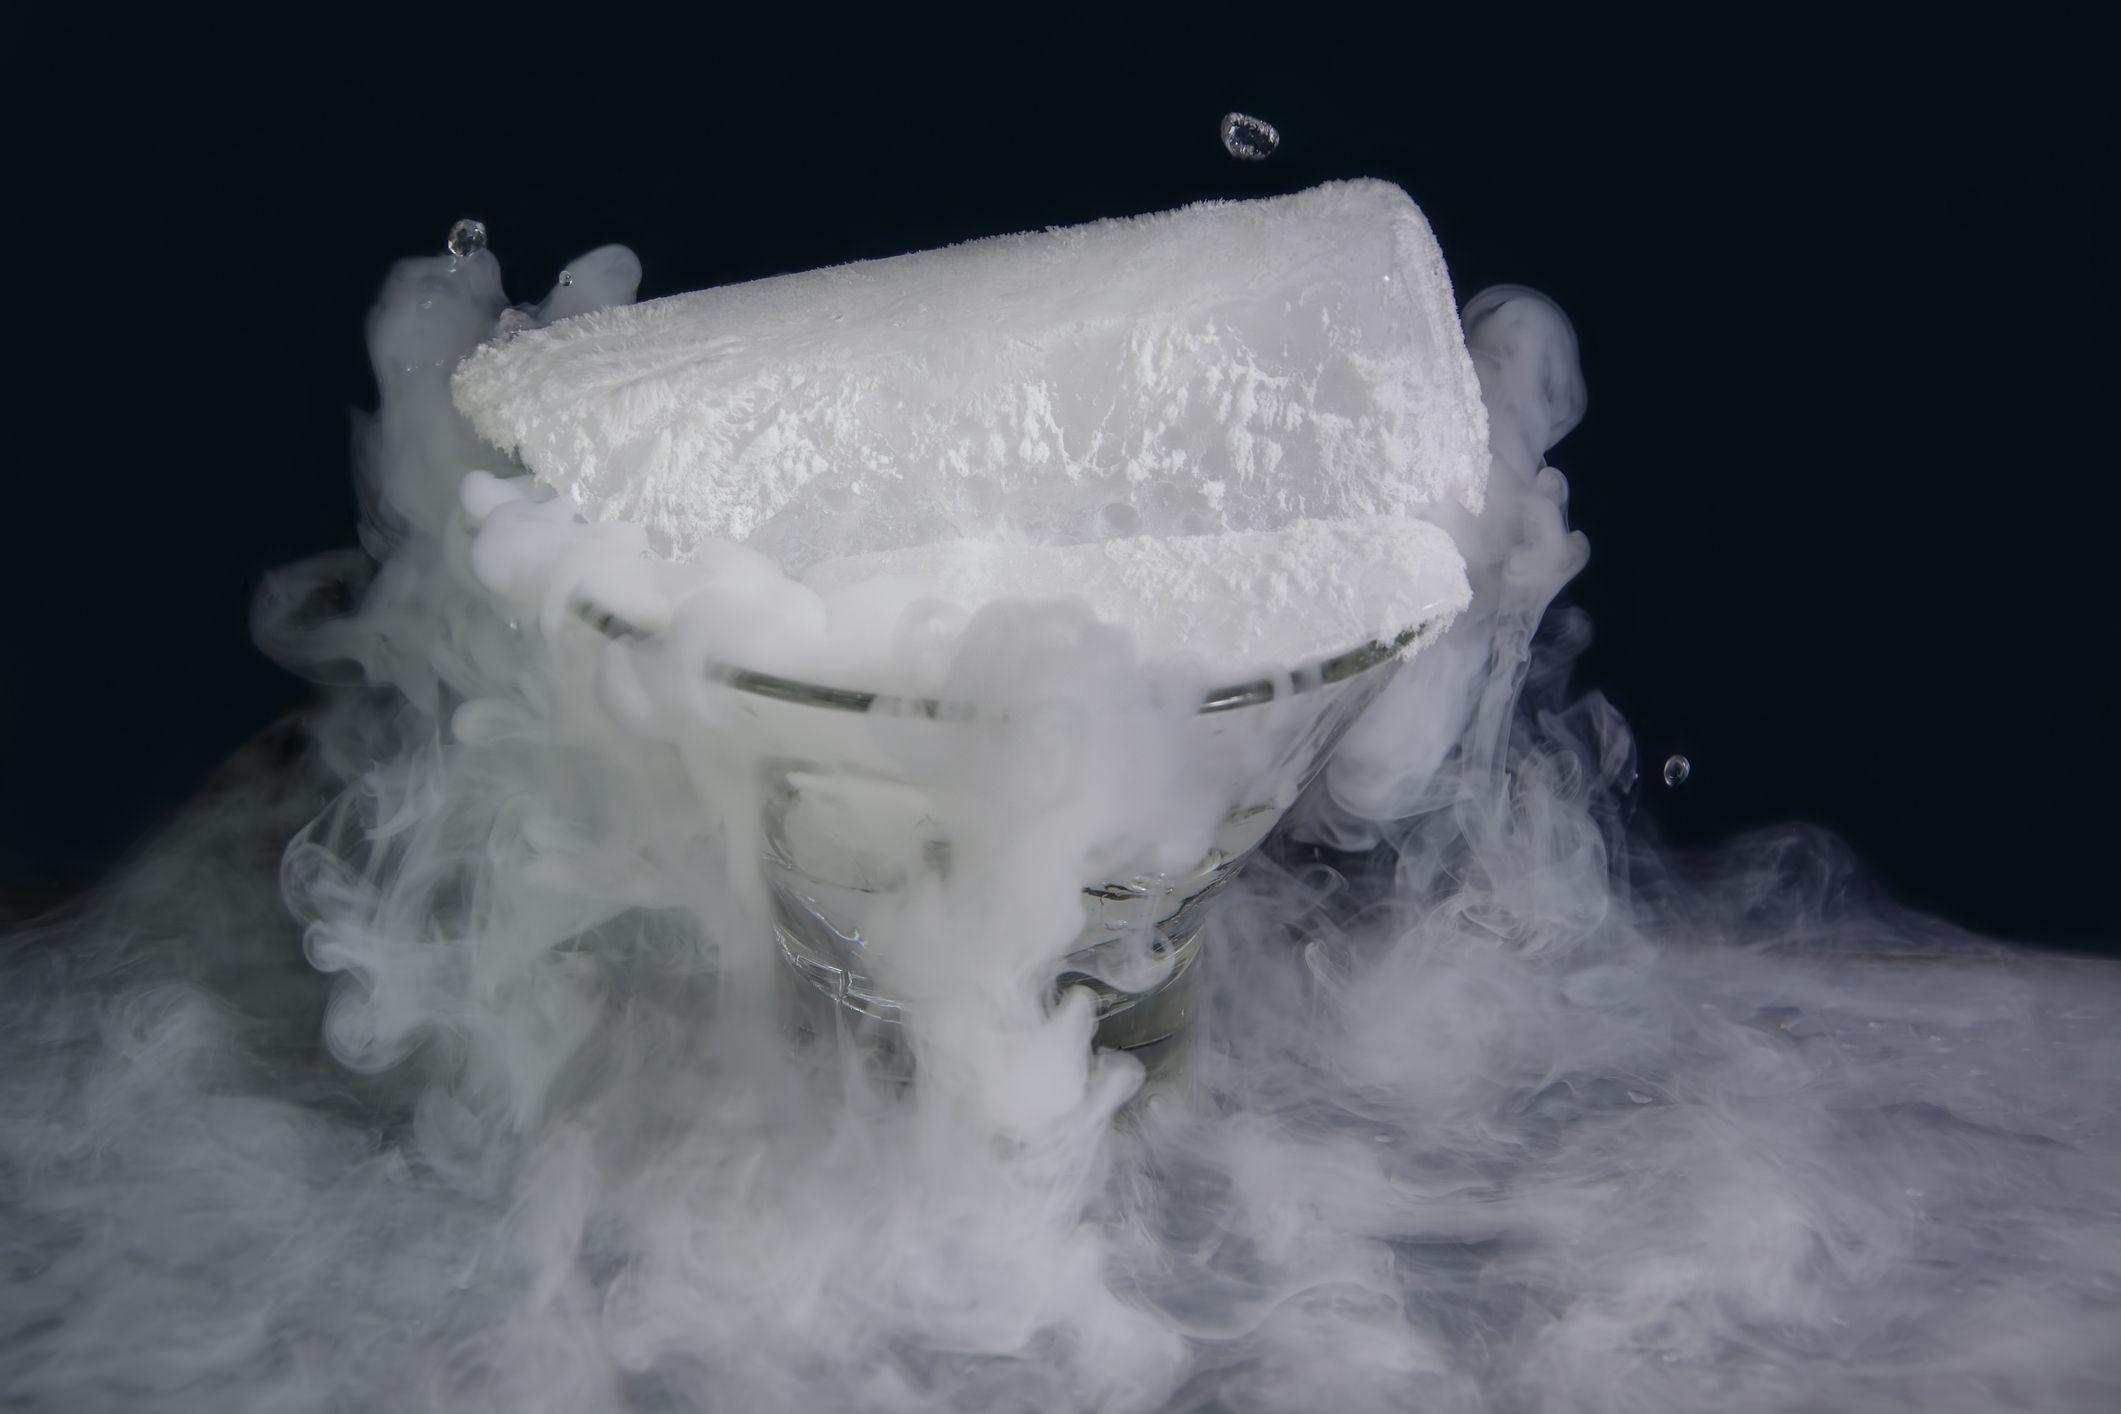 Dry ice smoking with vapor on dark background